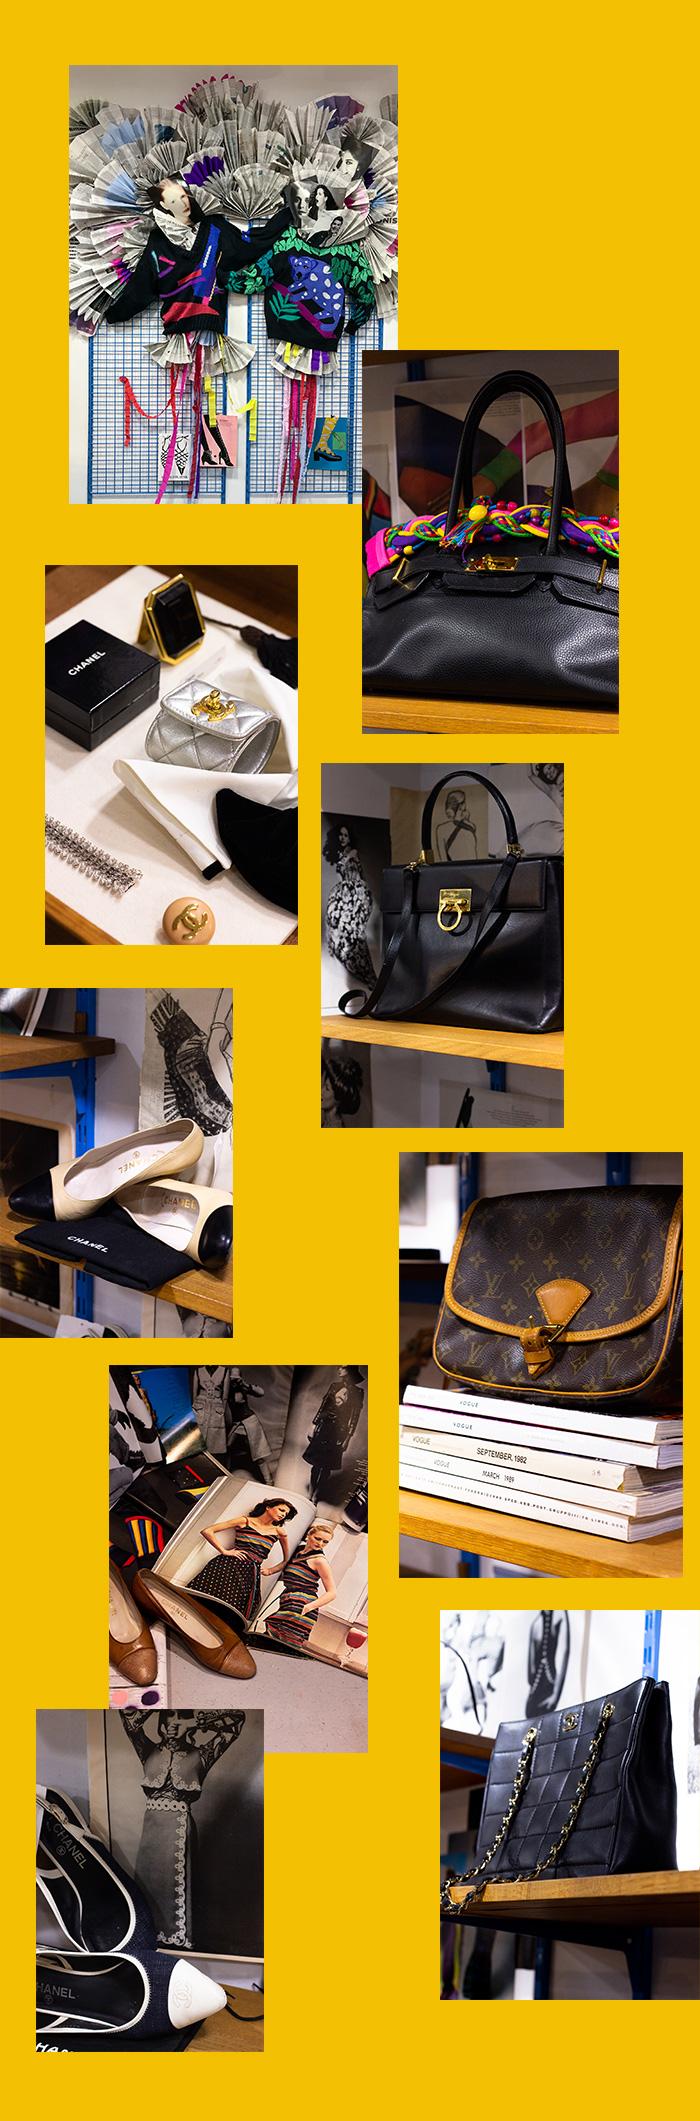 Rückblick Vintage Fever 2019 - SECONDELLA Depot, Hermès, Chanel